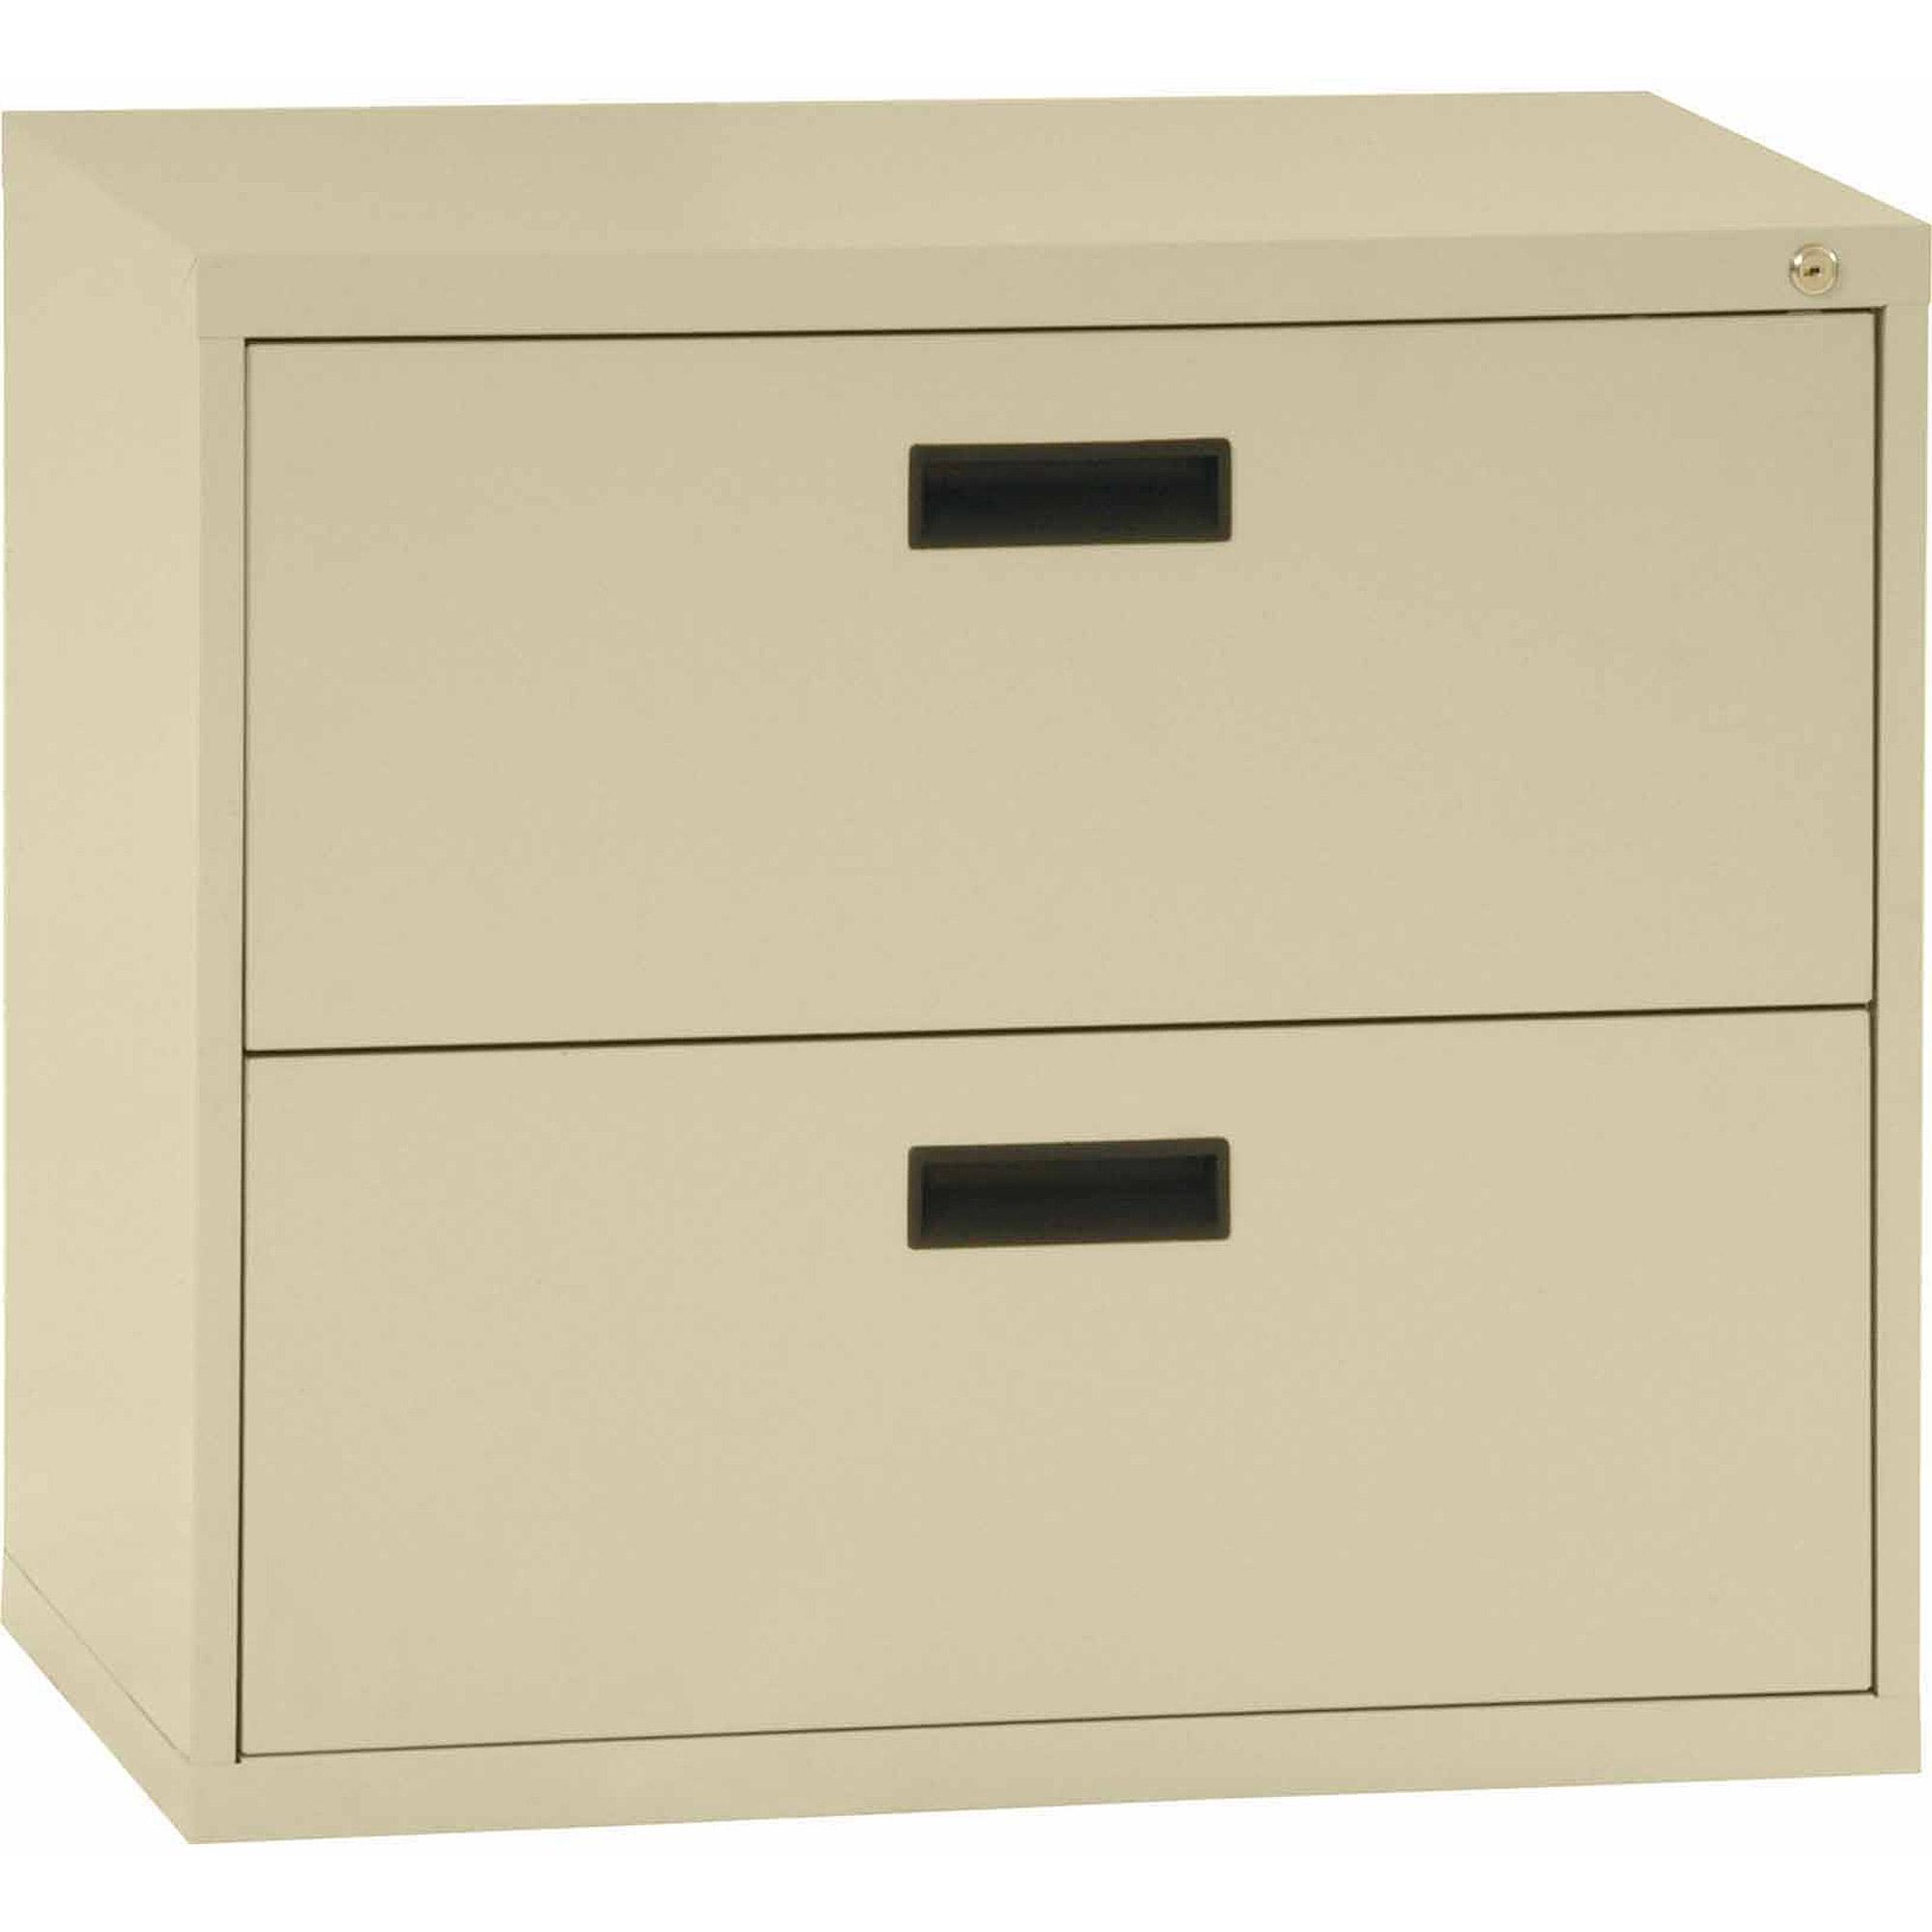 Gentil Sandusky 400 Series 2 Drawer Lateral File Cabinet   Walmart.com